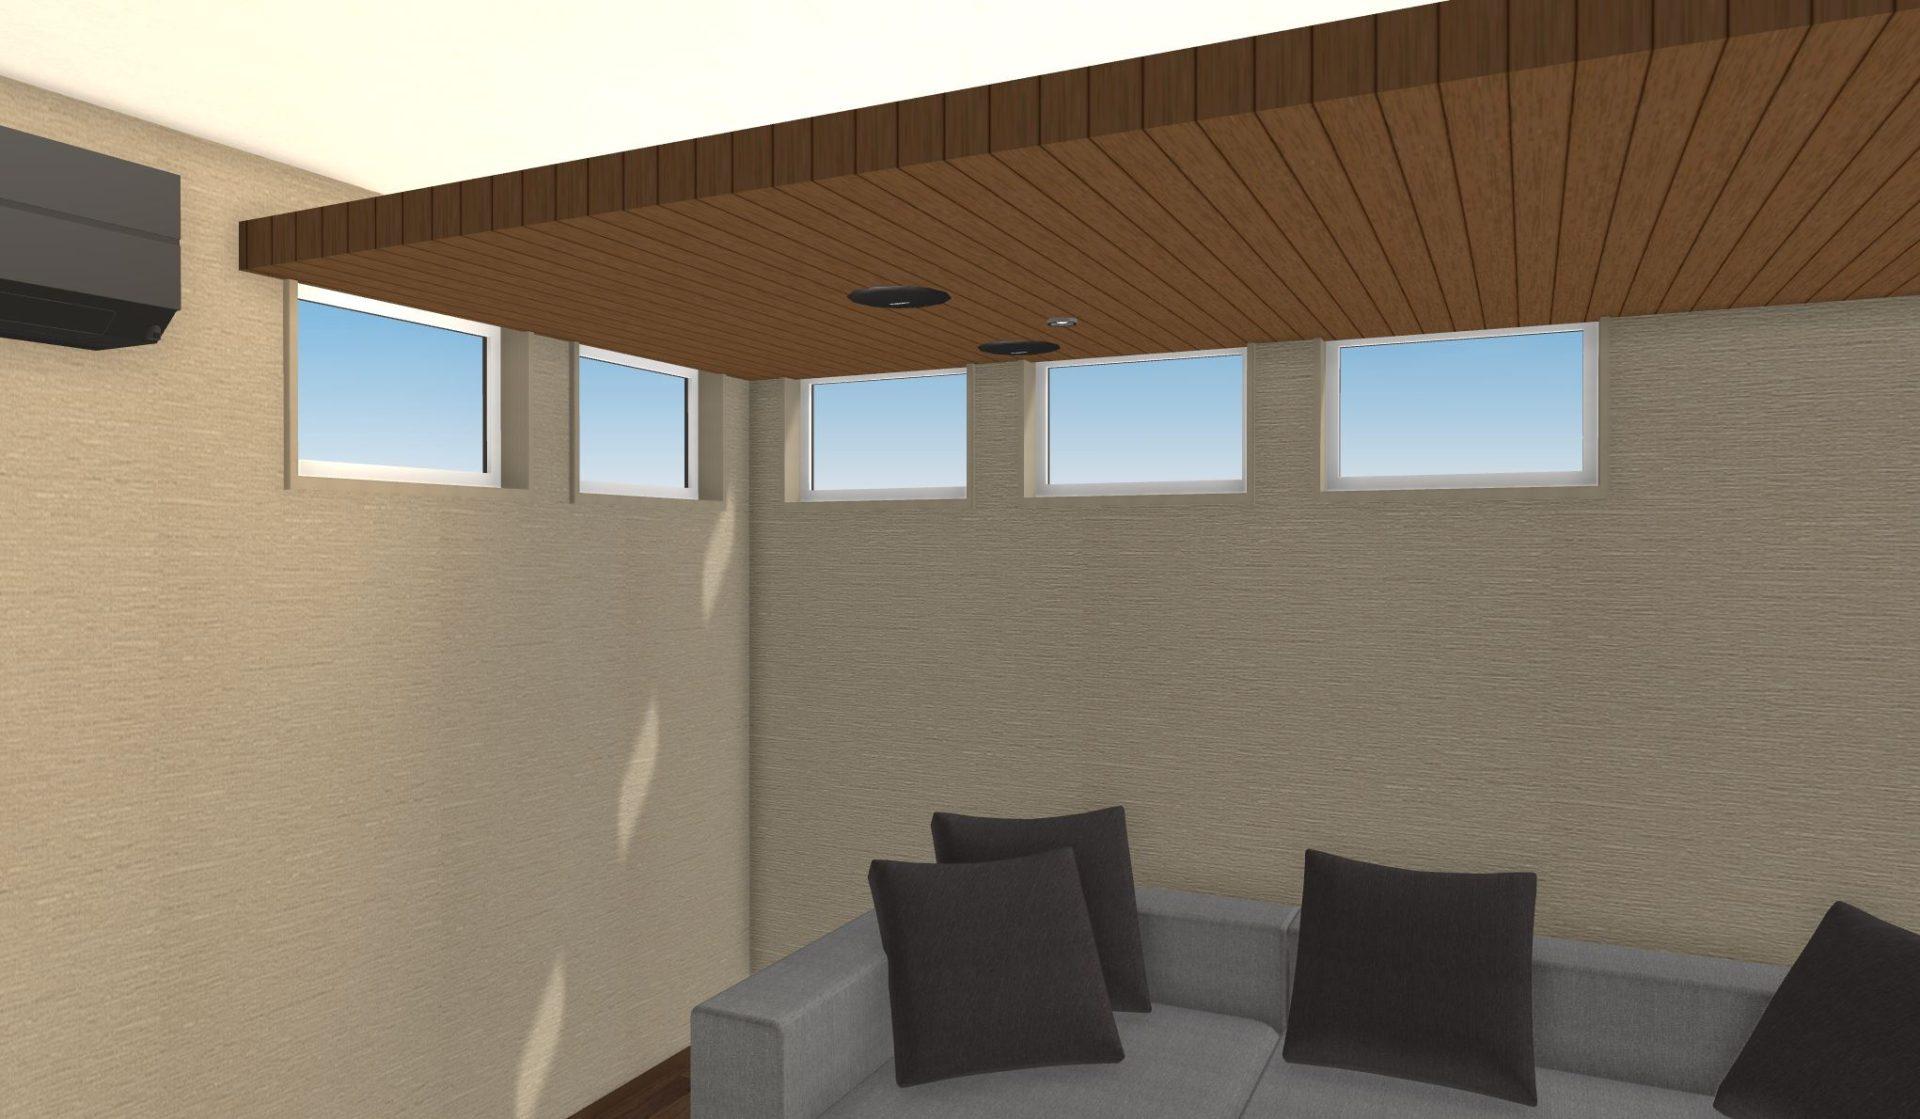 同じサイズの窓が同じ間隔で並ぶことで統一感とリズムが生まれる